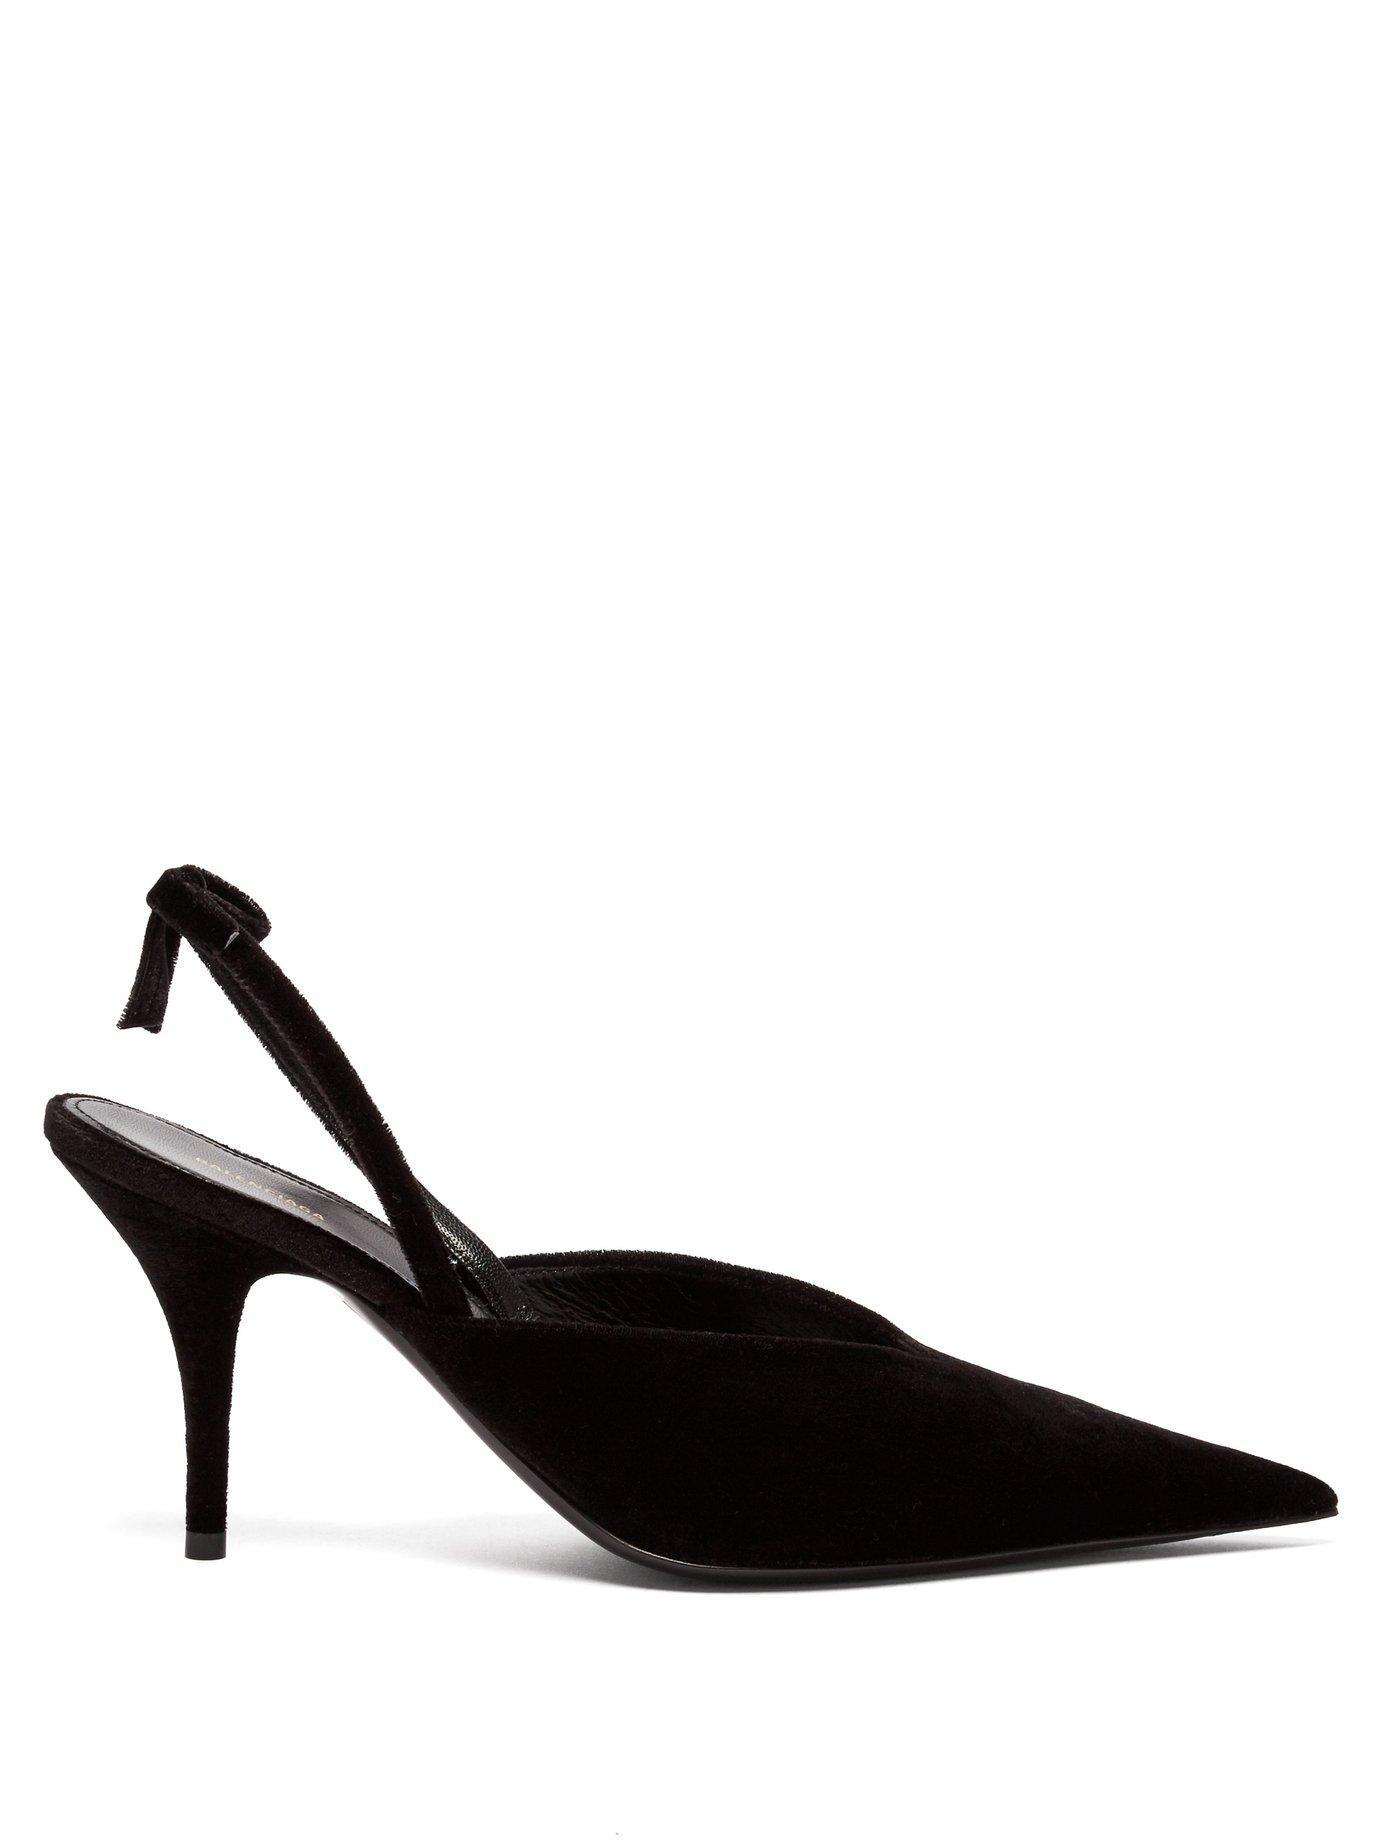 eac1925f4c9 Balenciaga Bow-Embellished Velvet Slingback Pumps In Black